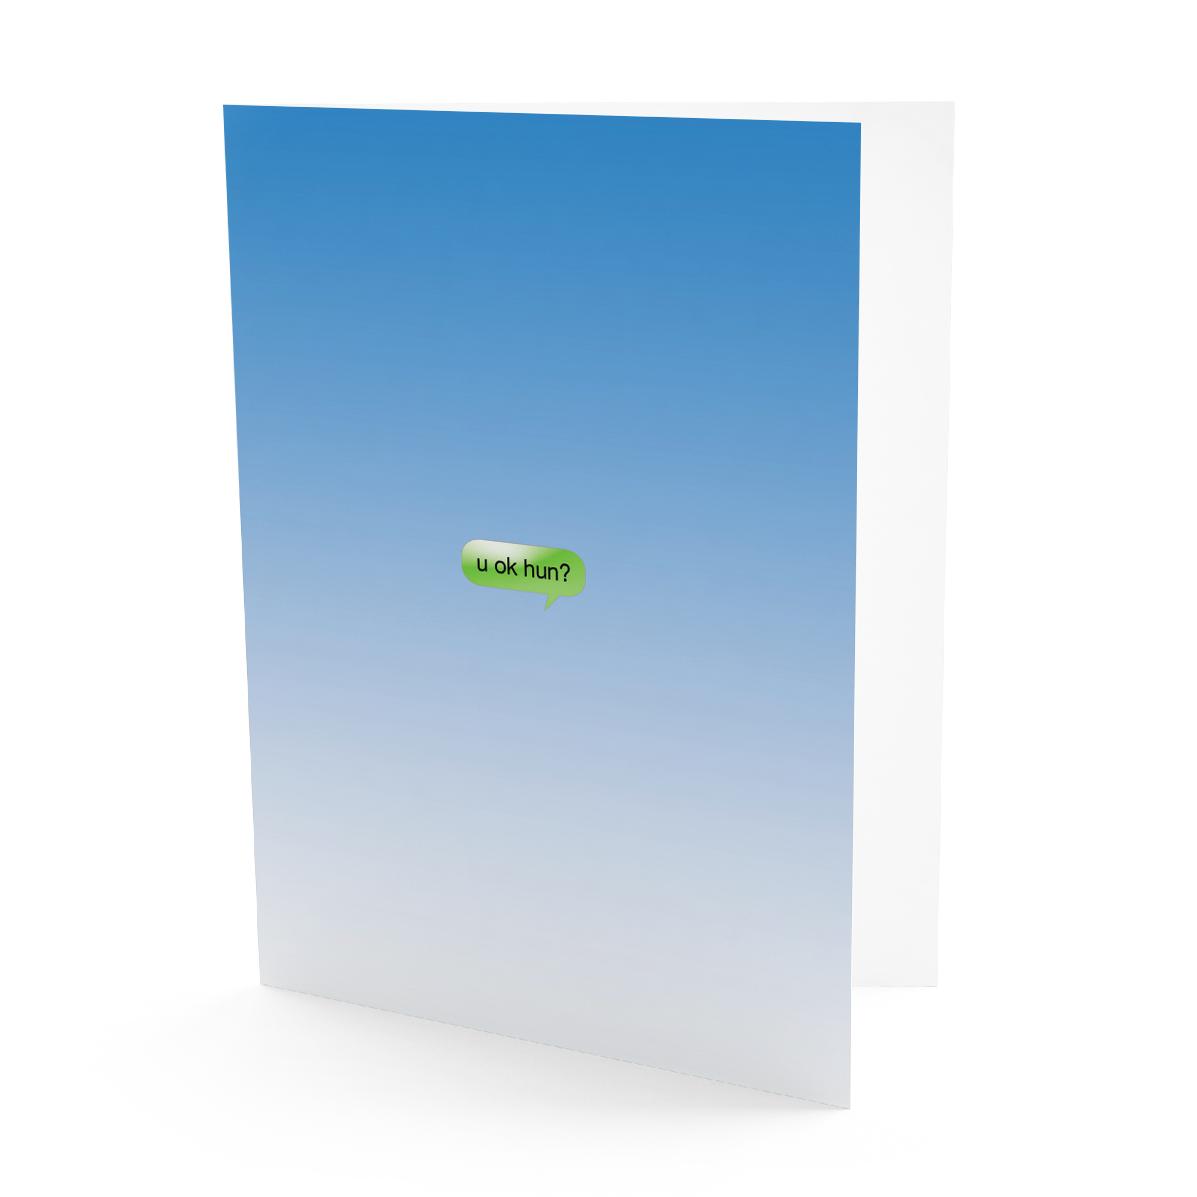 bsg_card_33.jpg